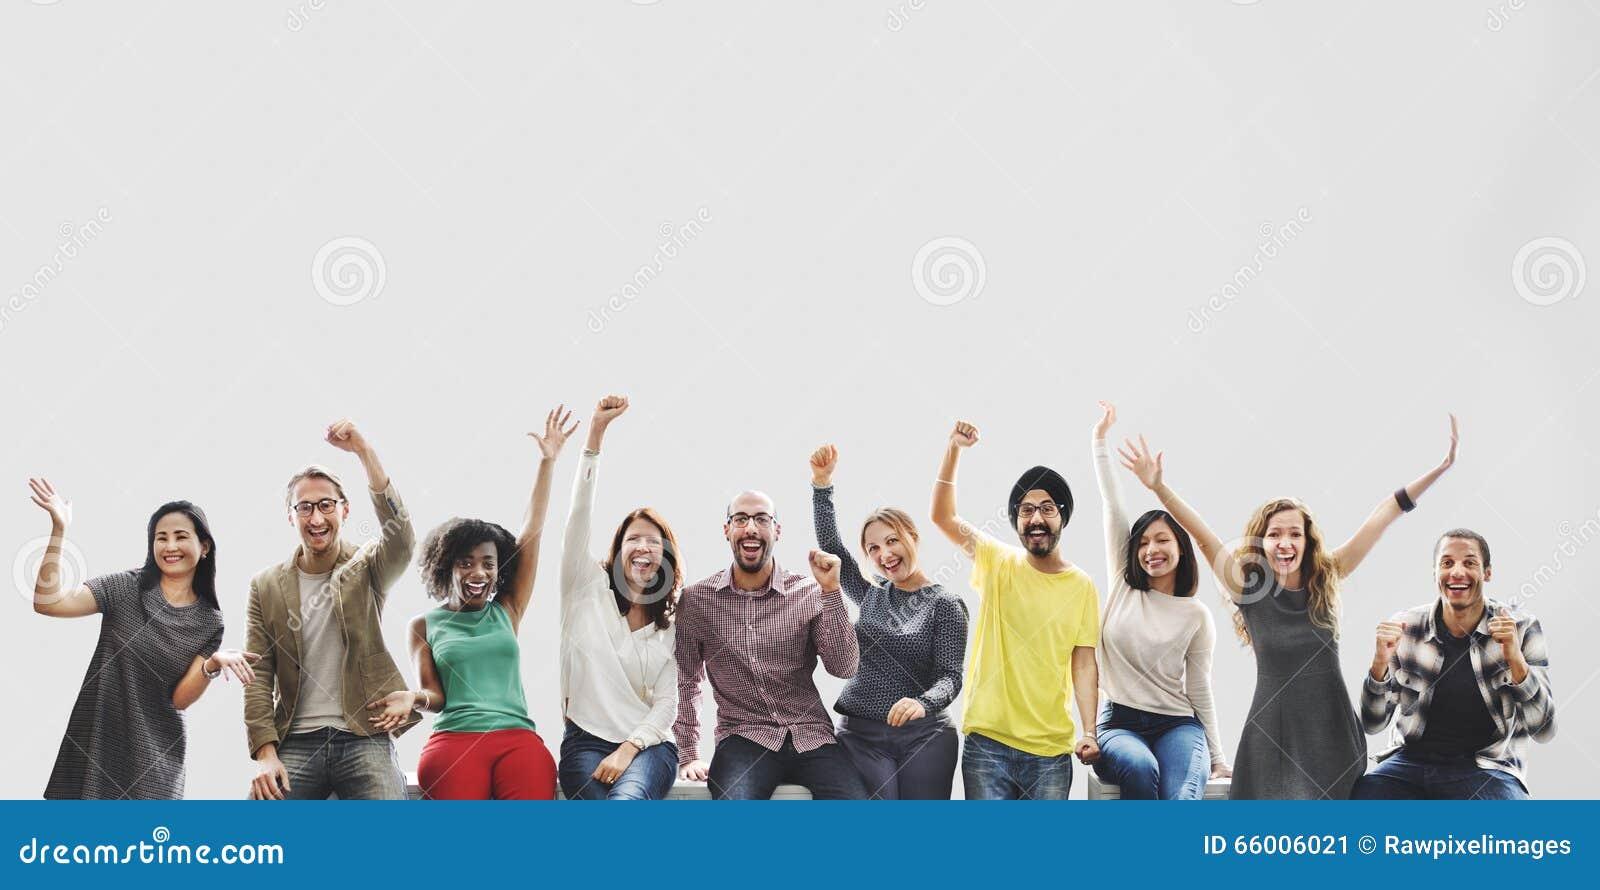 Różnorodność przyjaciół osiągnięcia sukcesu celów Drużynowy pojęcie